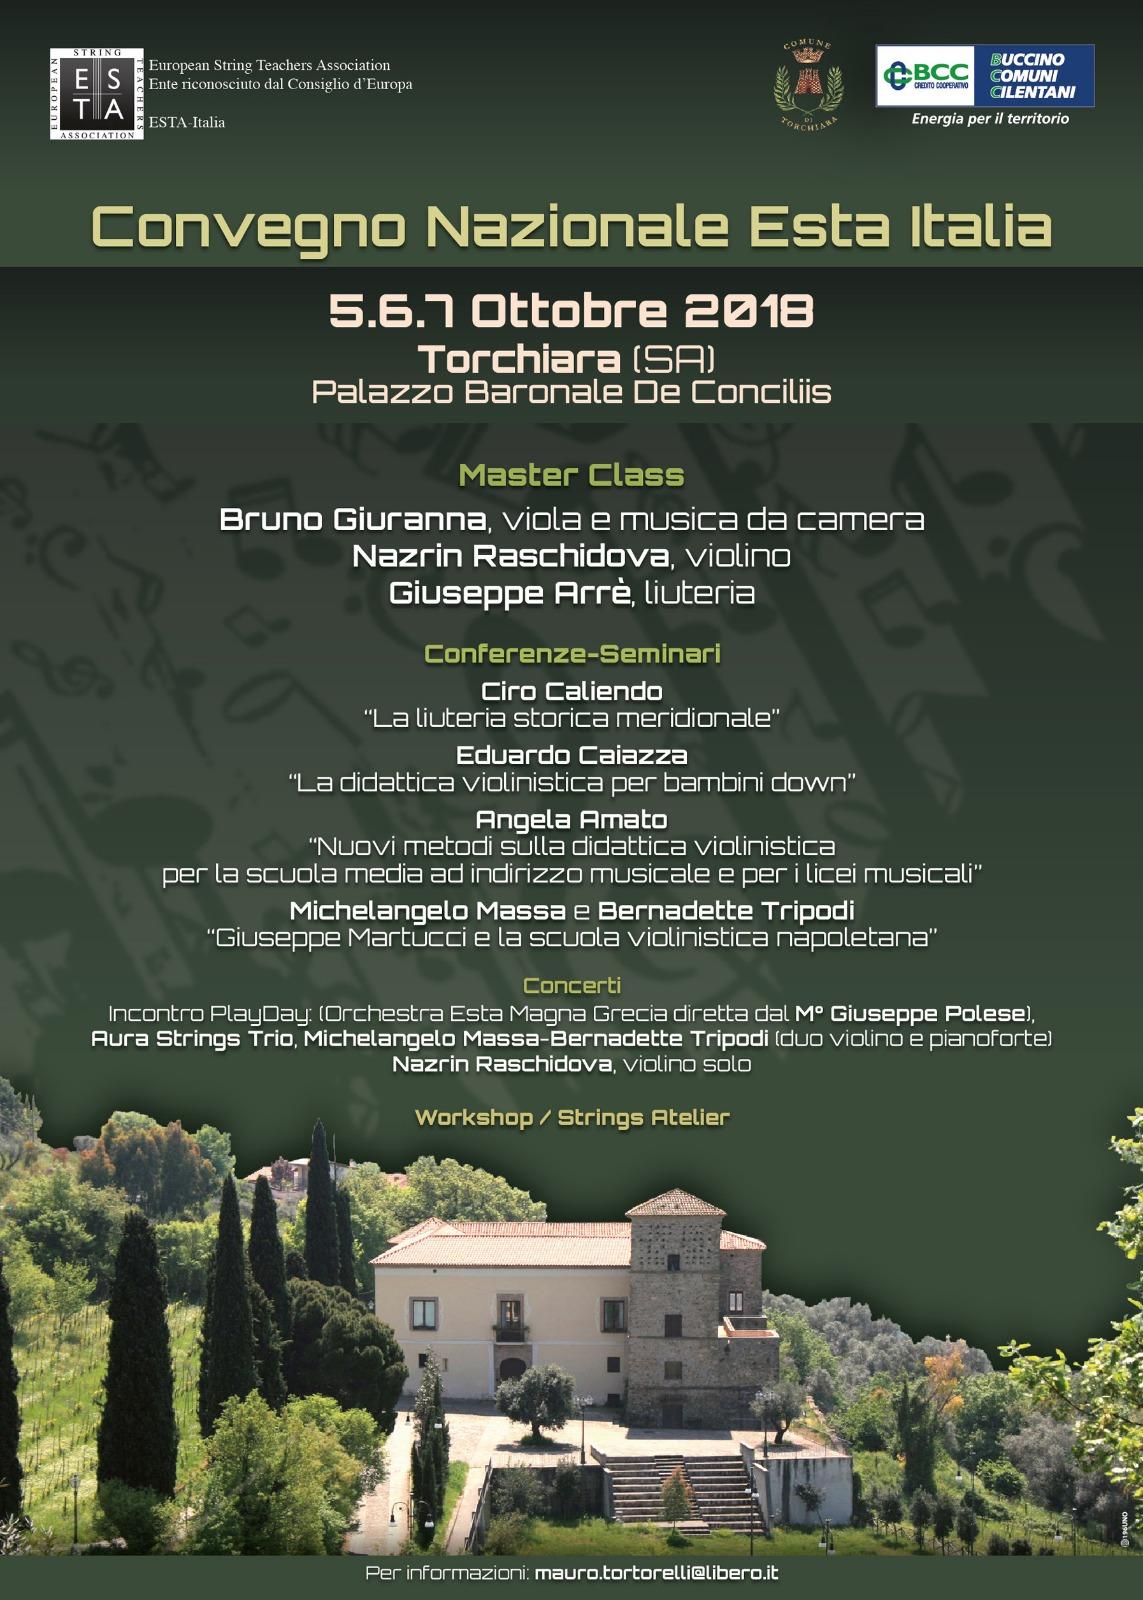 Torchiara ospita il primo convegno dedicato agli strumenti ad arco